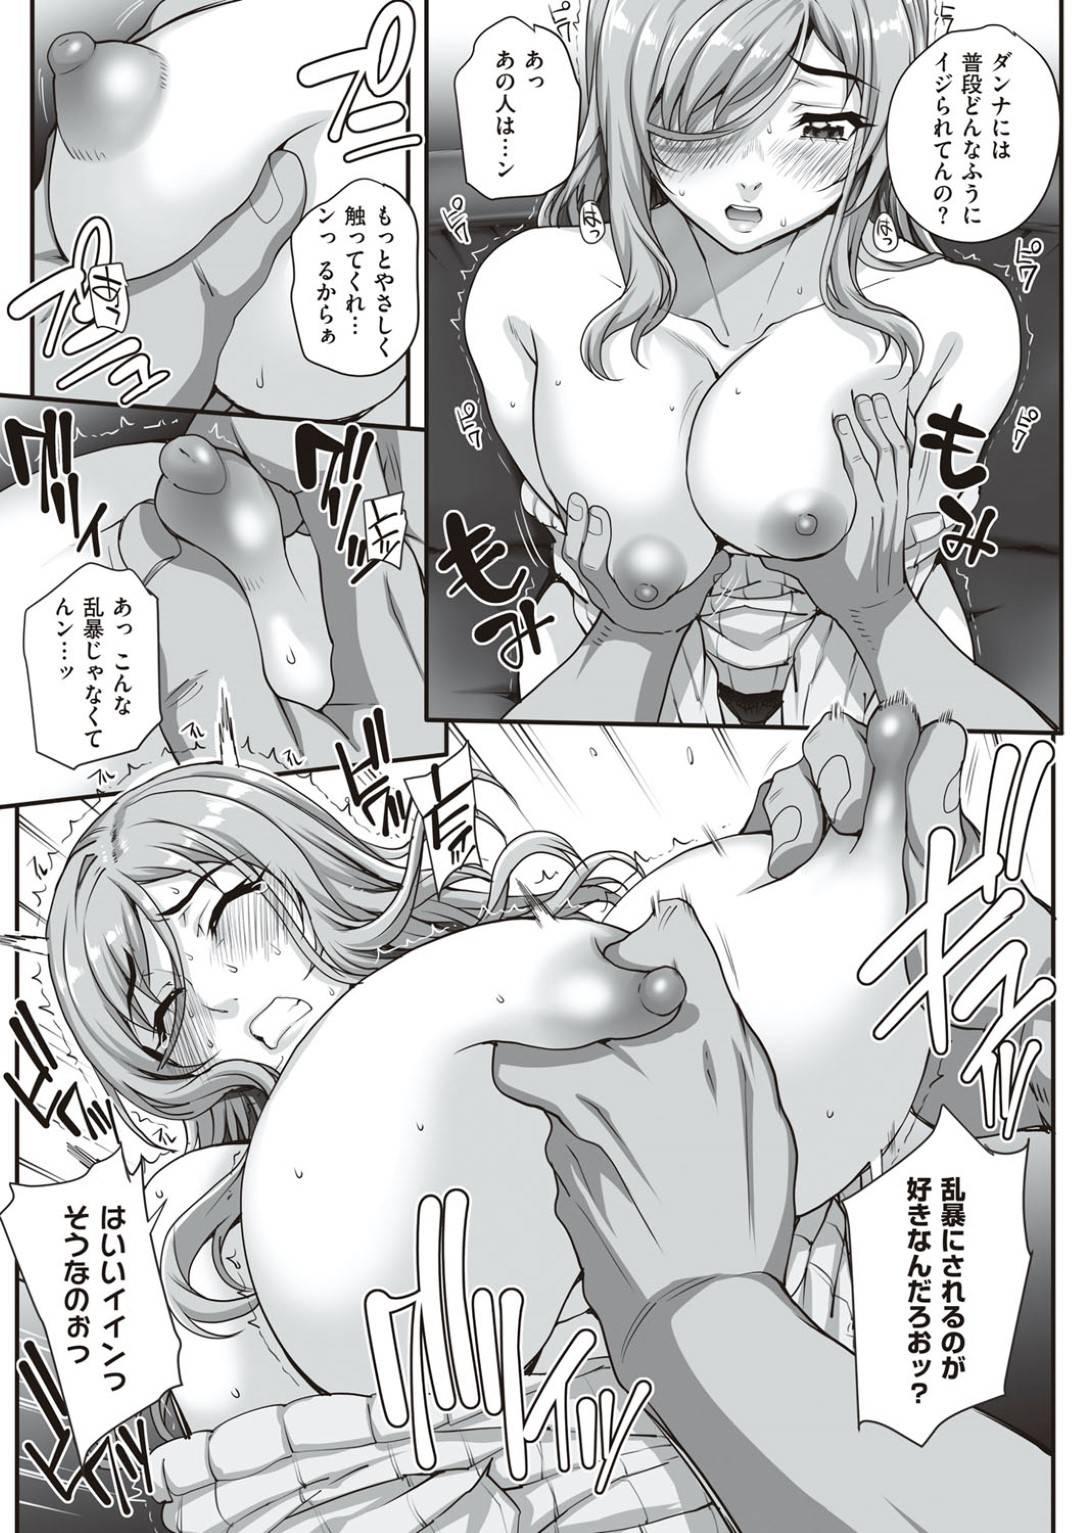 【エロ漫画】旦那とのセックスに満足できないあまり再び旦那に内緒でAVに出演した巨乳人妻。彼女は男優に身体を委ねてされるがままに乳首責めされたり、フェラさせられたりし、巨根を挿入されてよがりまくる!